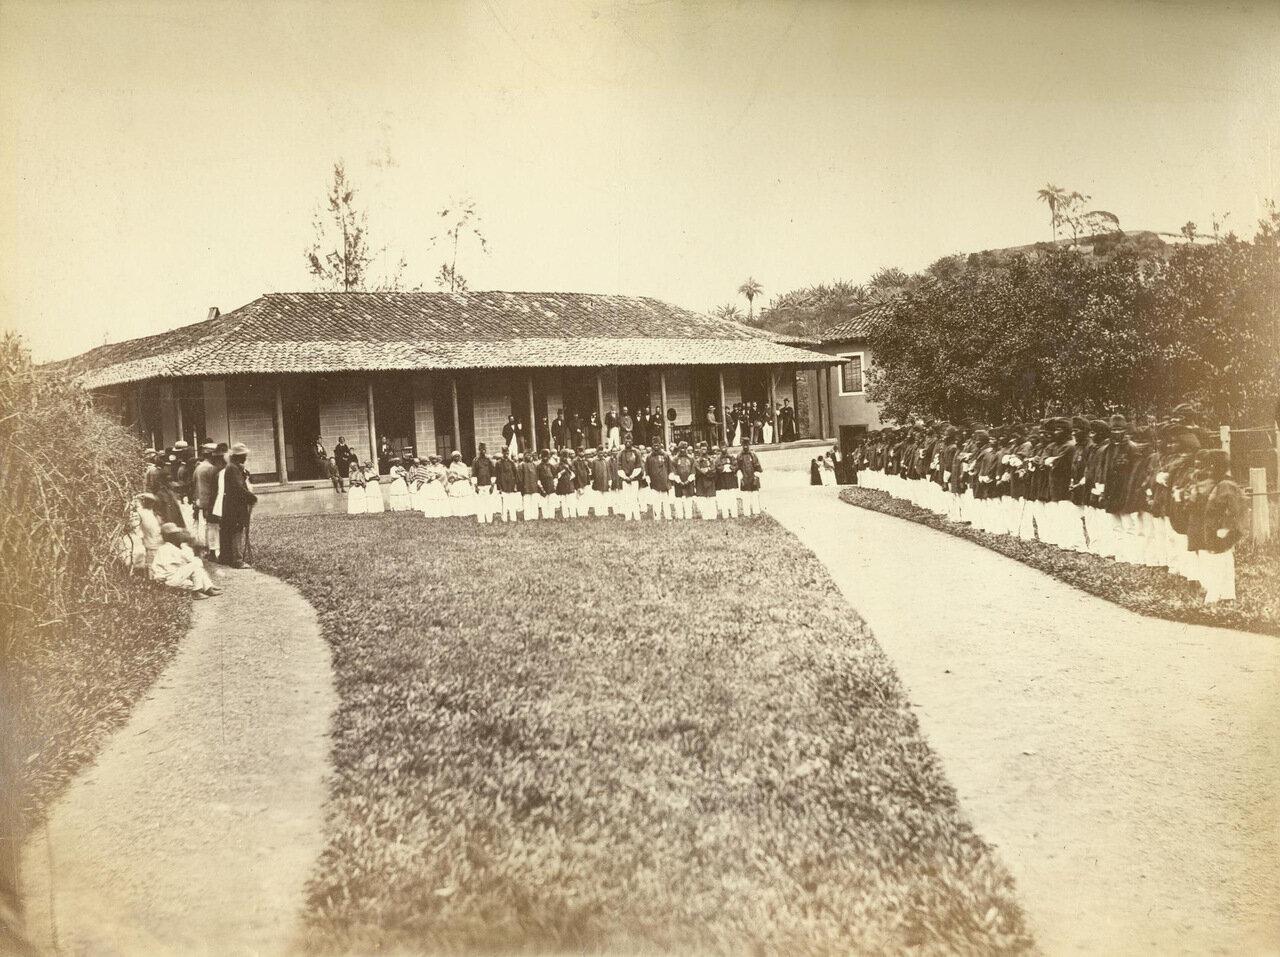 Многие из рабочих в Морру-Велью начинали свою трудовую карьеру рабами. Эта фотография сделана на память в честь окончательного освобождения. ок. 1893 года